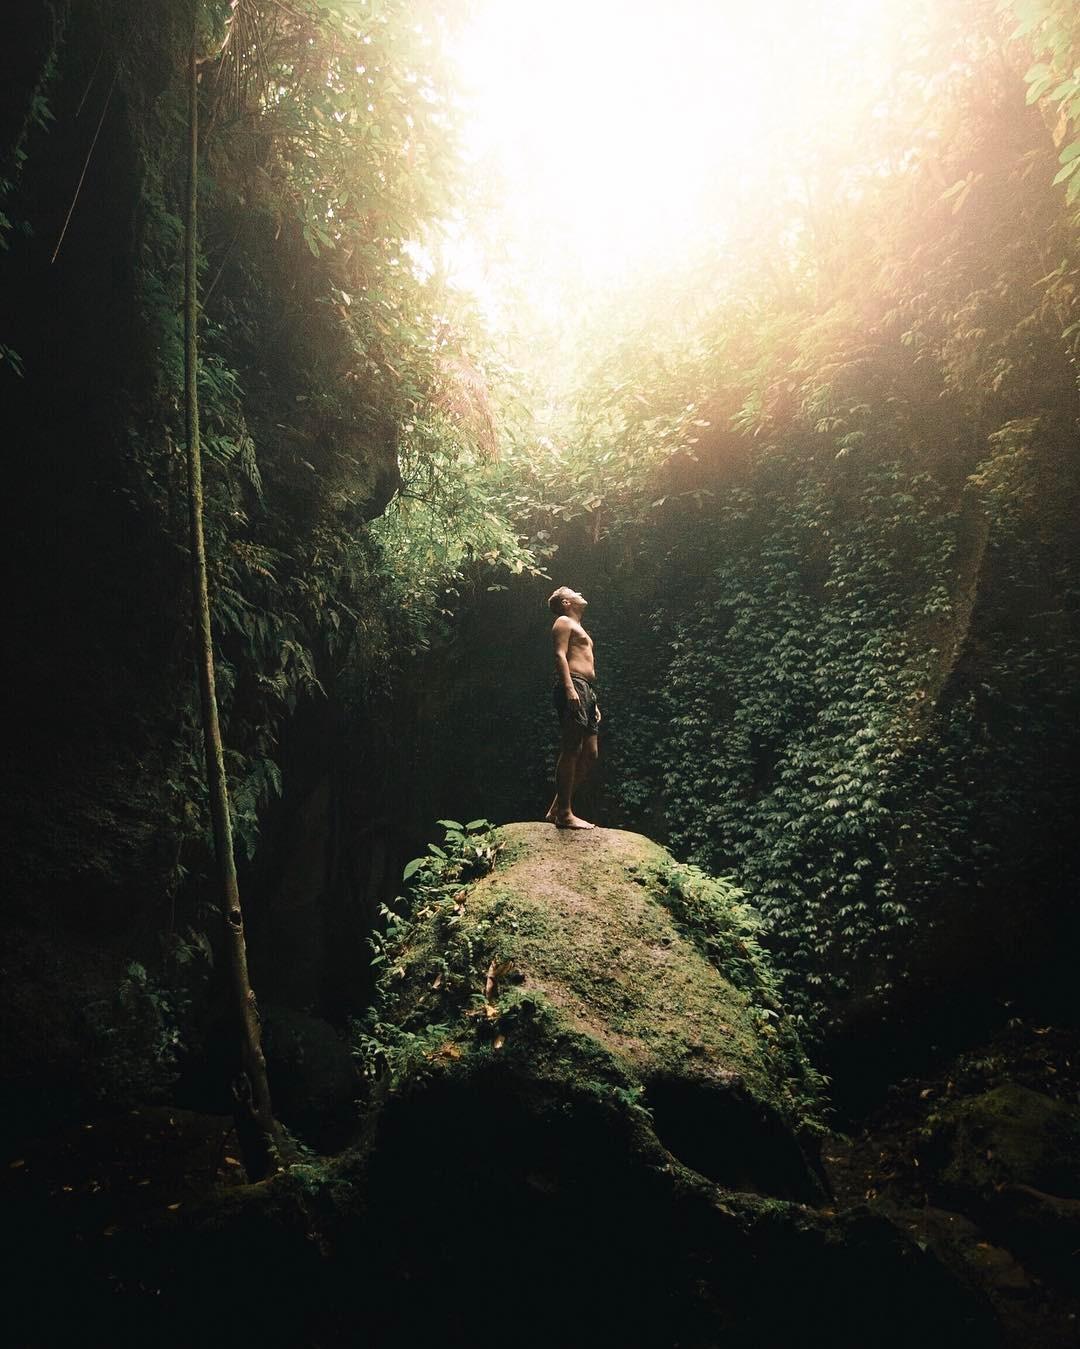 Потрясающие снимки из путешествий Кендалла Мартина